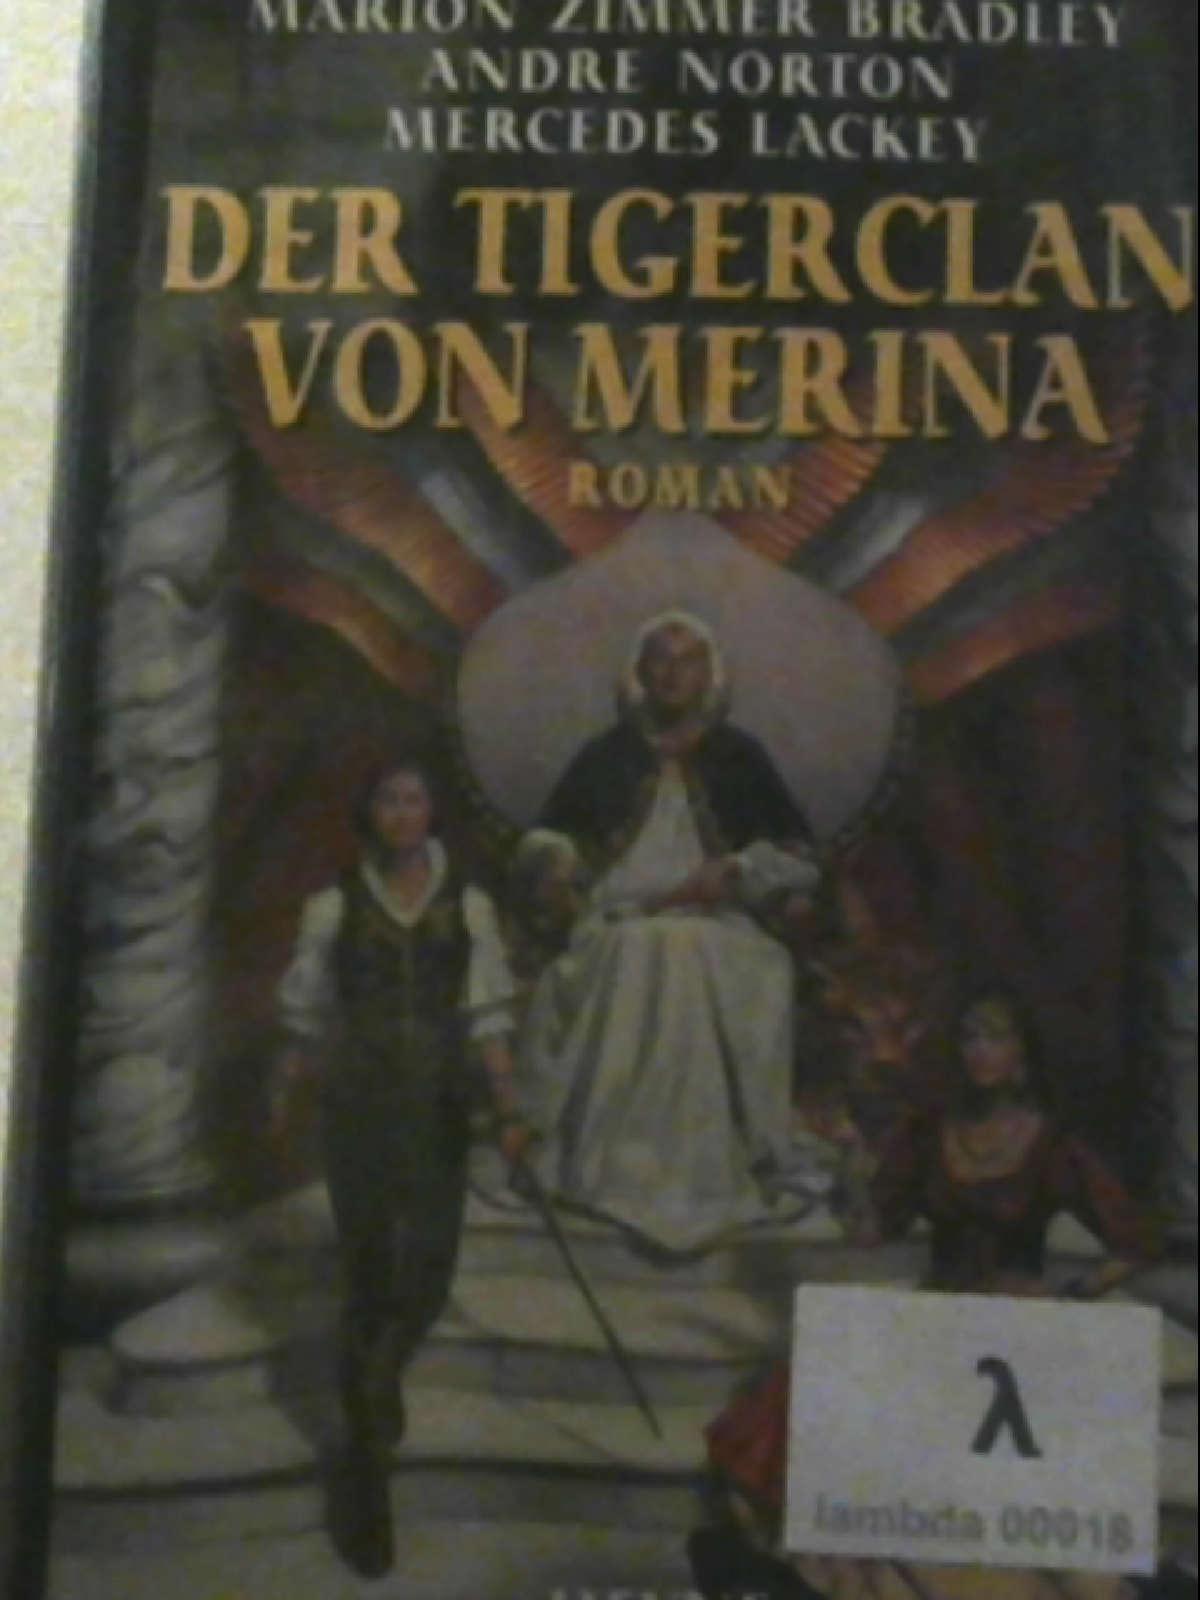 Der Tigerclan von Merina: Roman